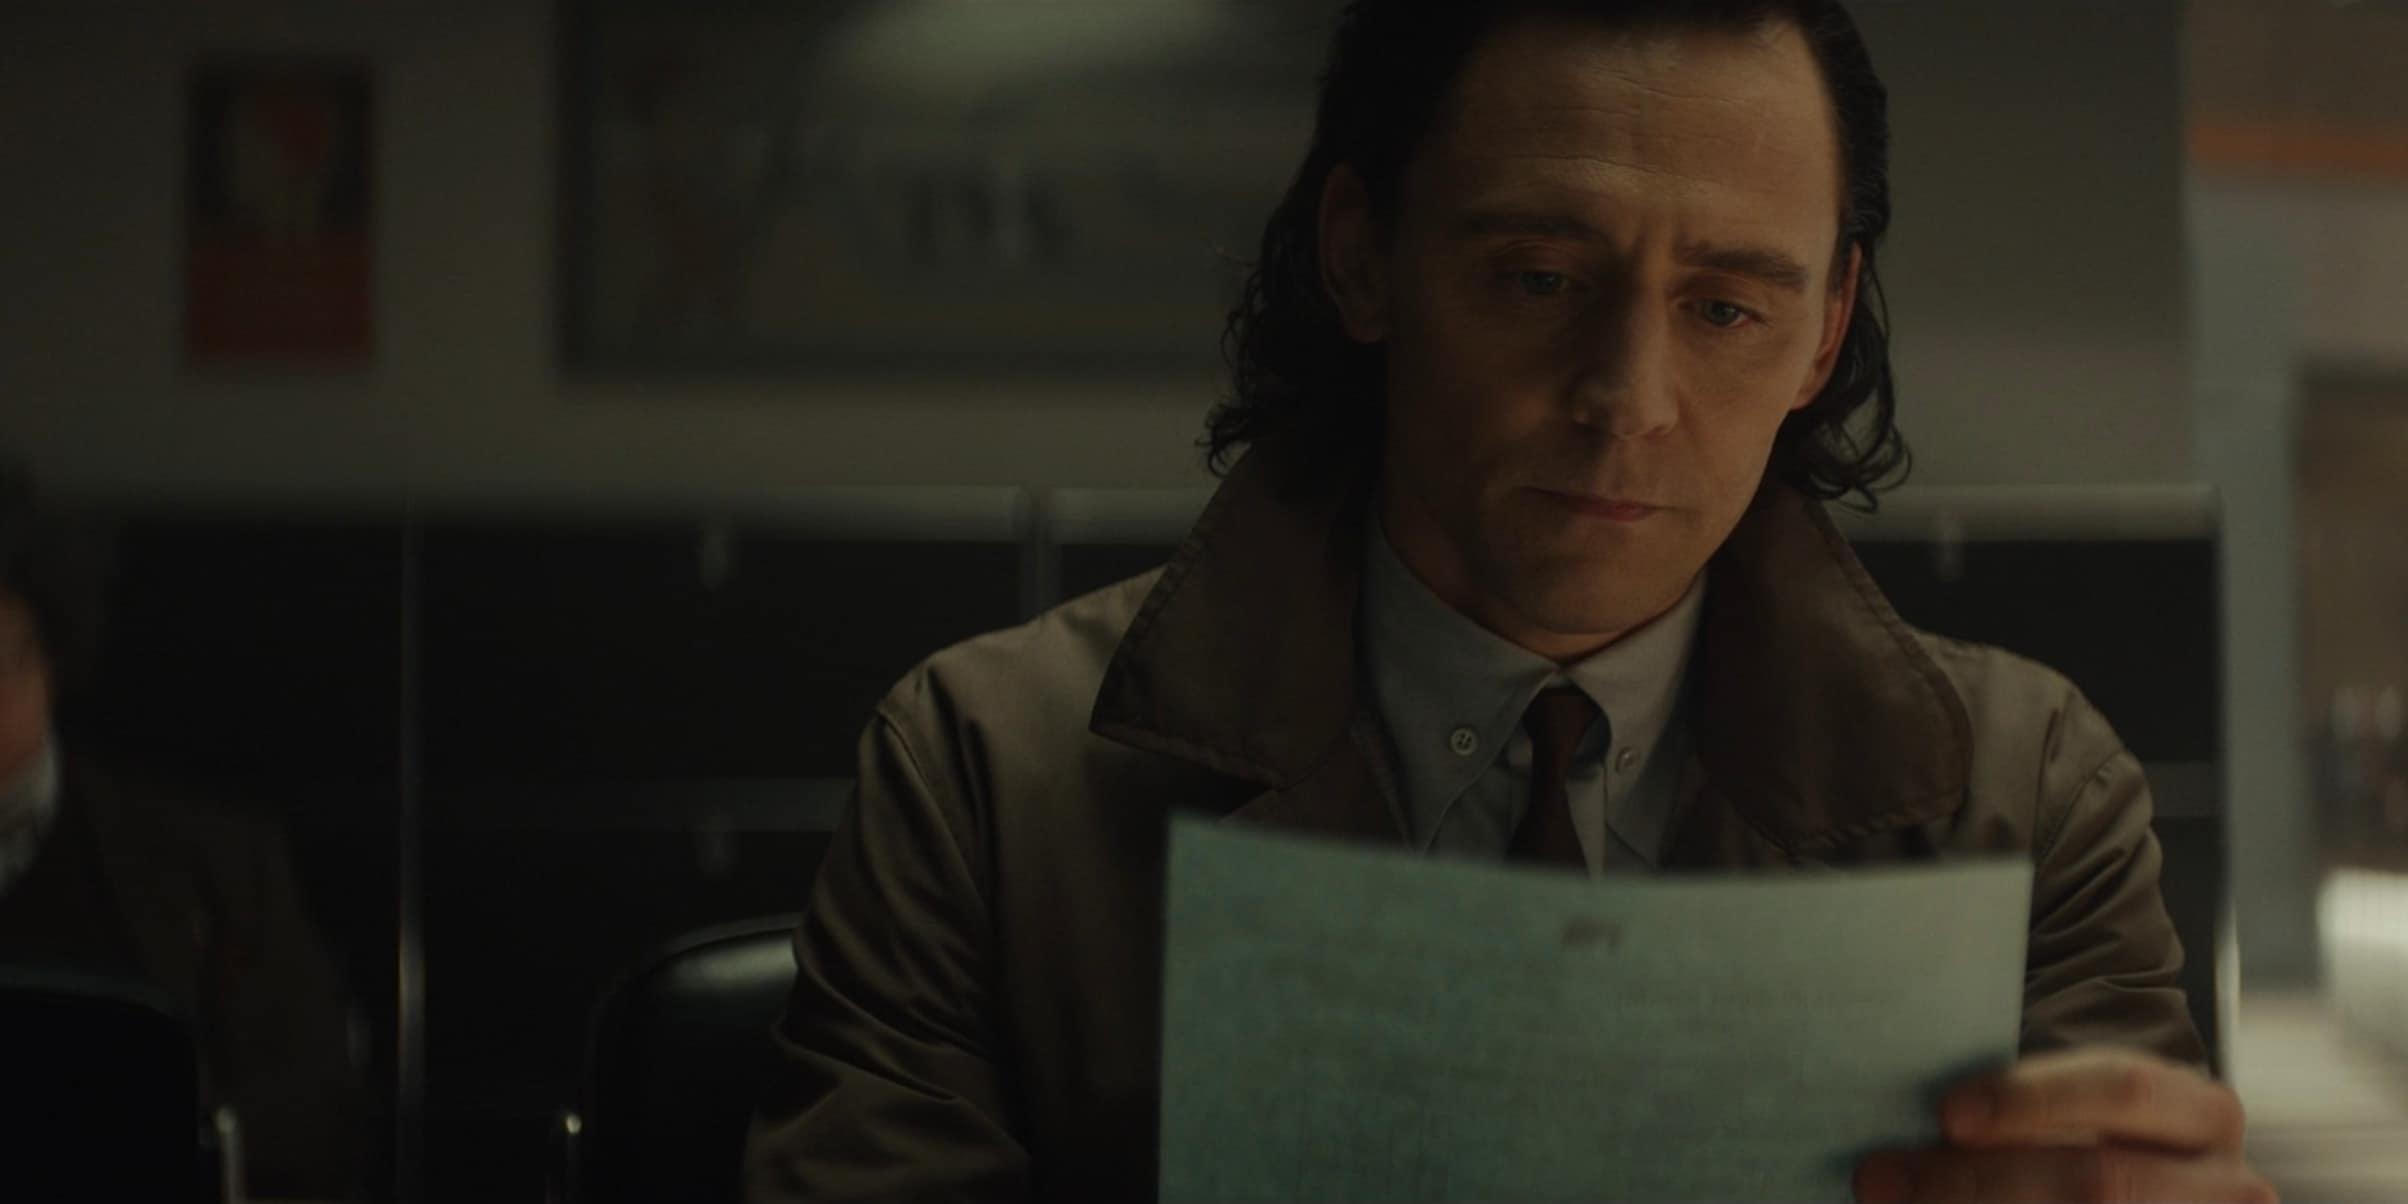 loki episode 2 tom hiddleston TVA library loki episode 2